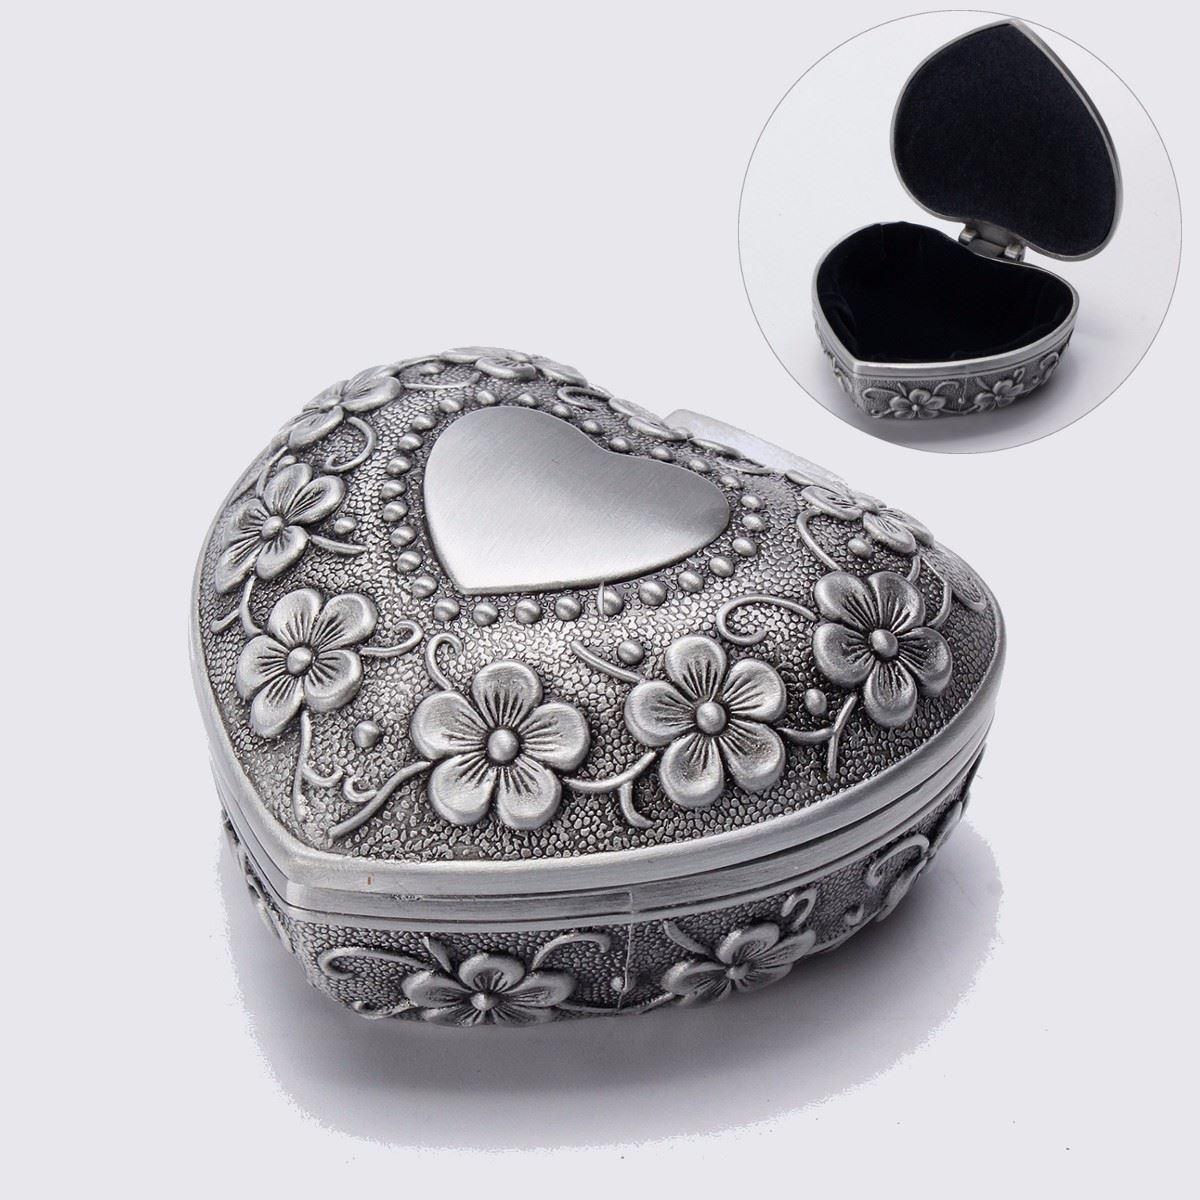 Alloy Retro Jewelry Box Love Heart Engravable Treasure Chest Perfect